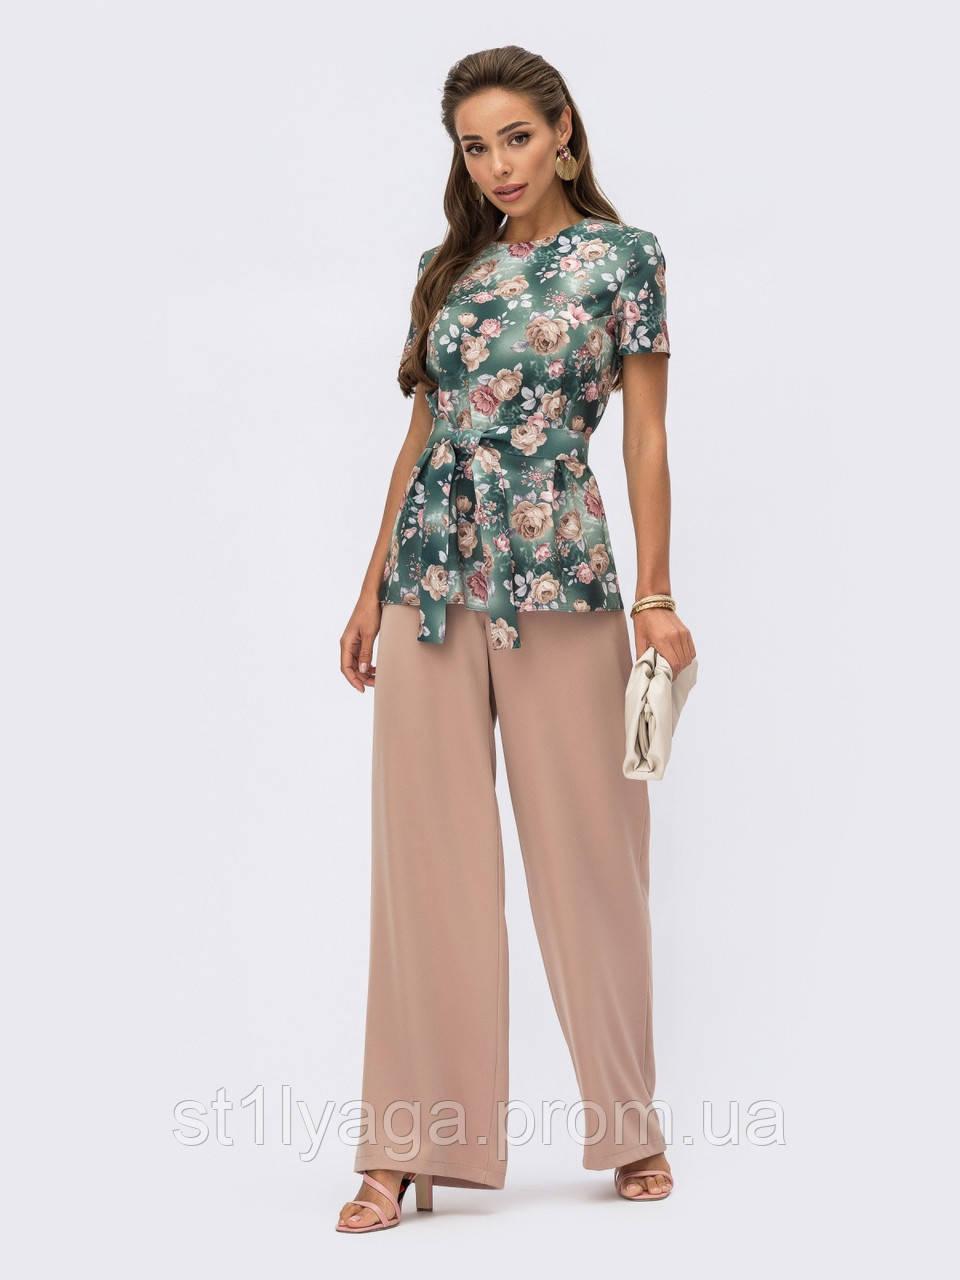 Летний костюм из блузки в цветочный принт и брюк-палаццо